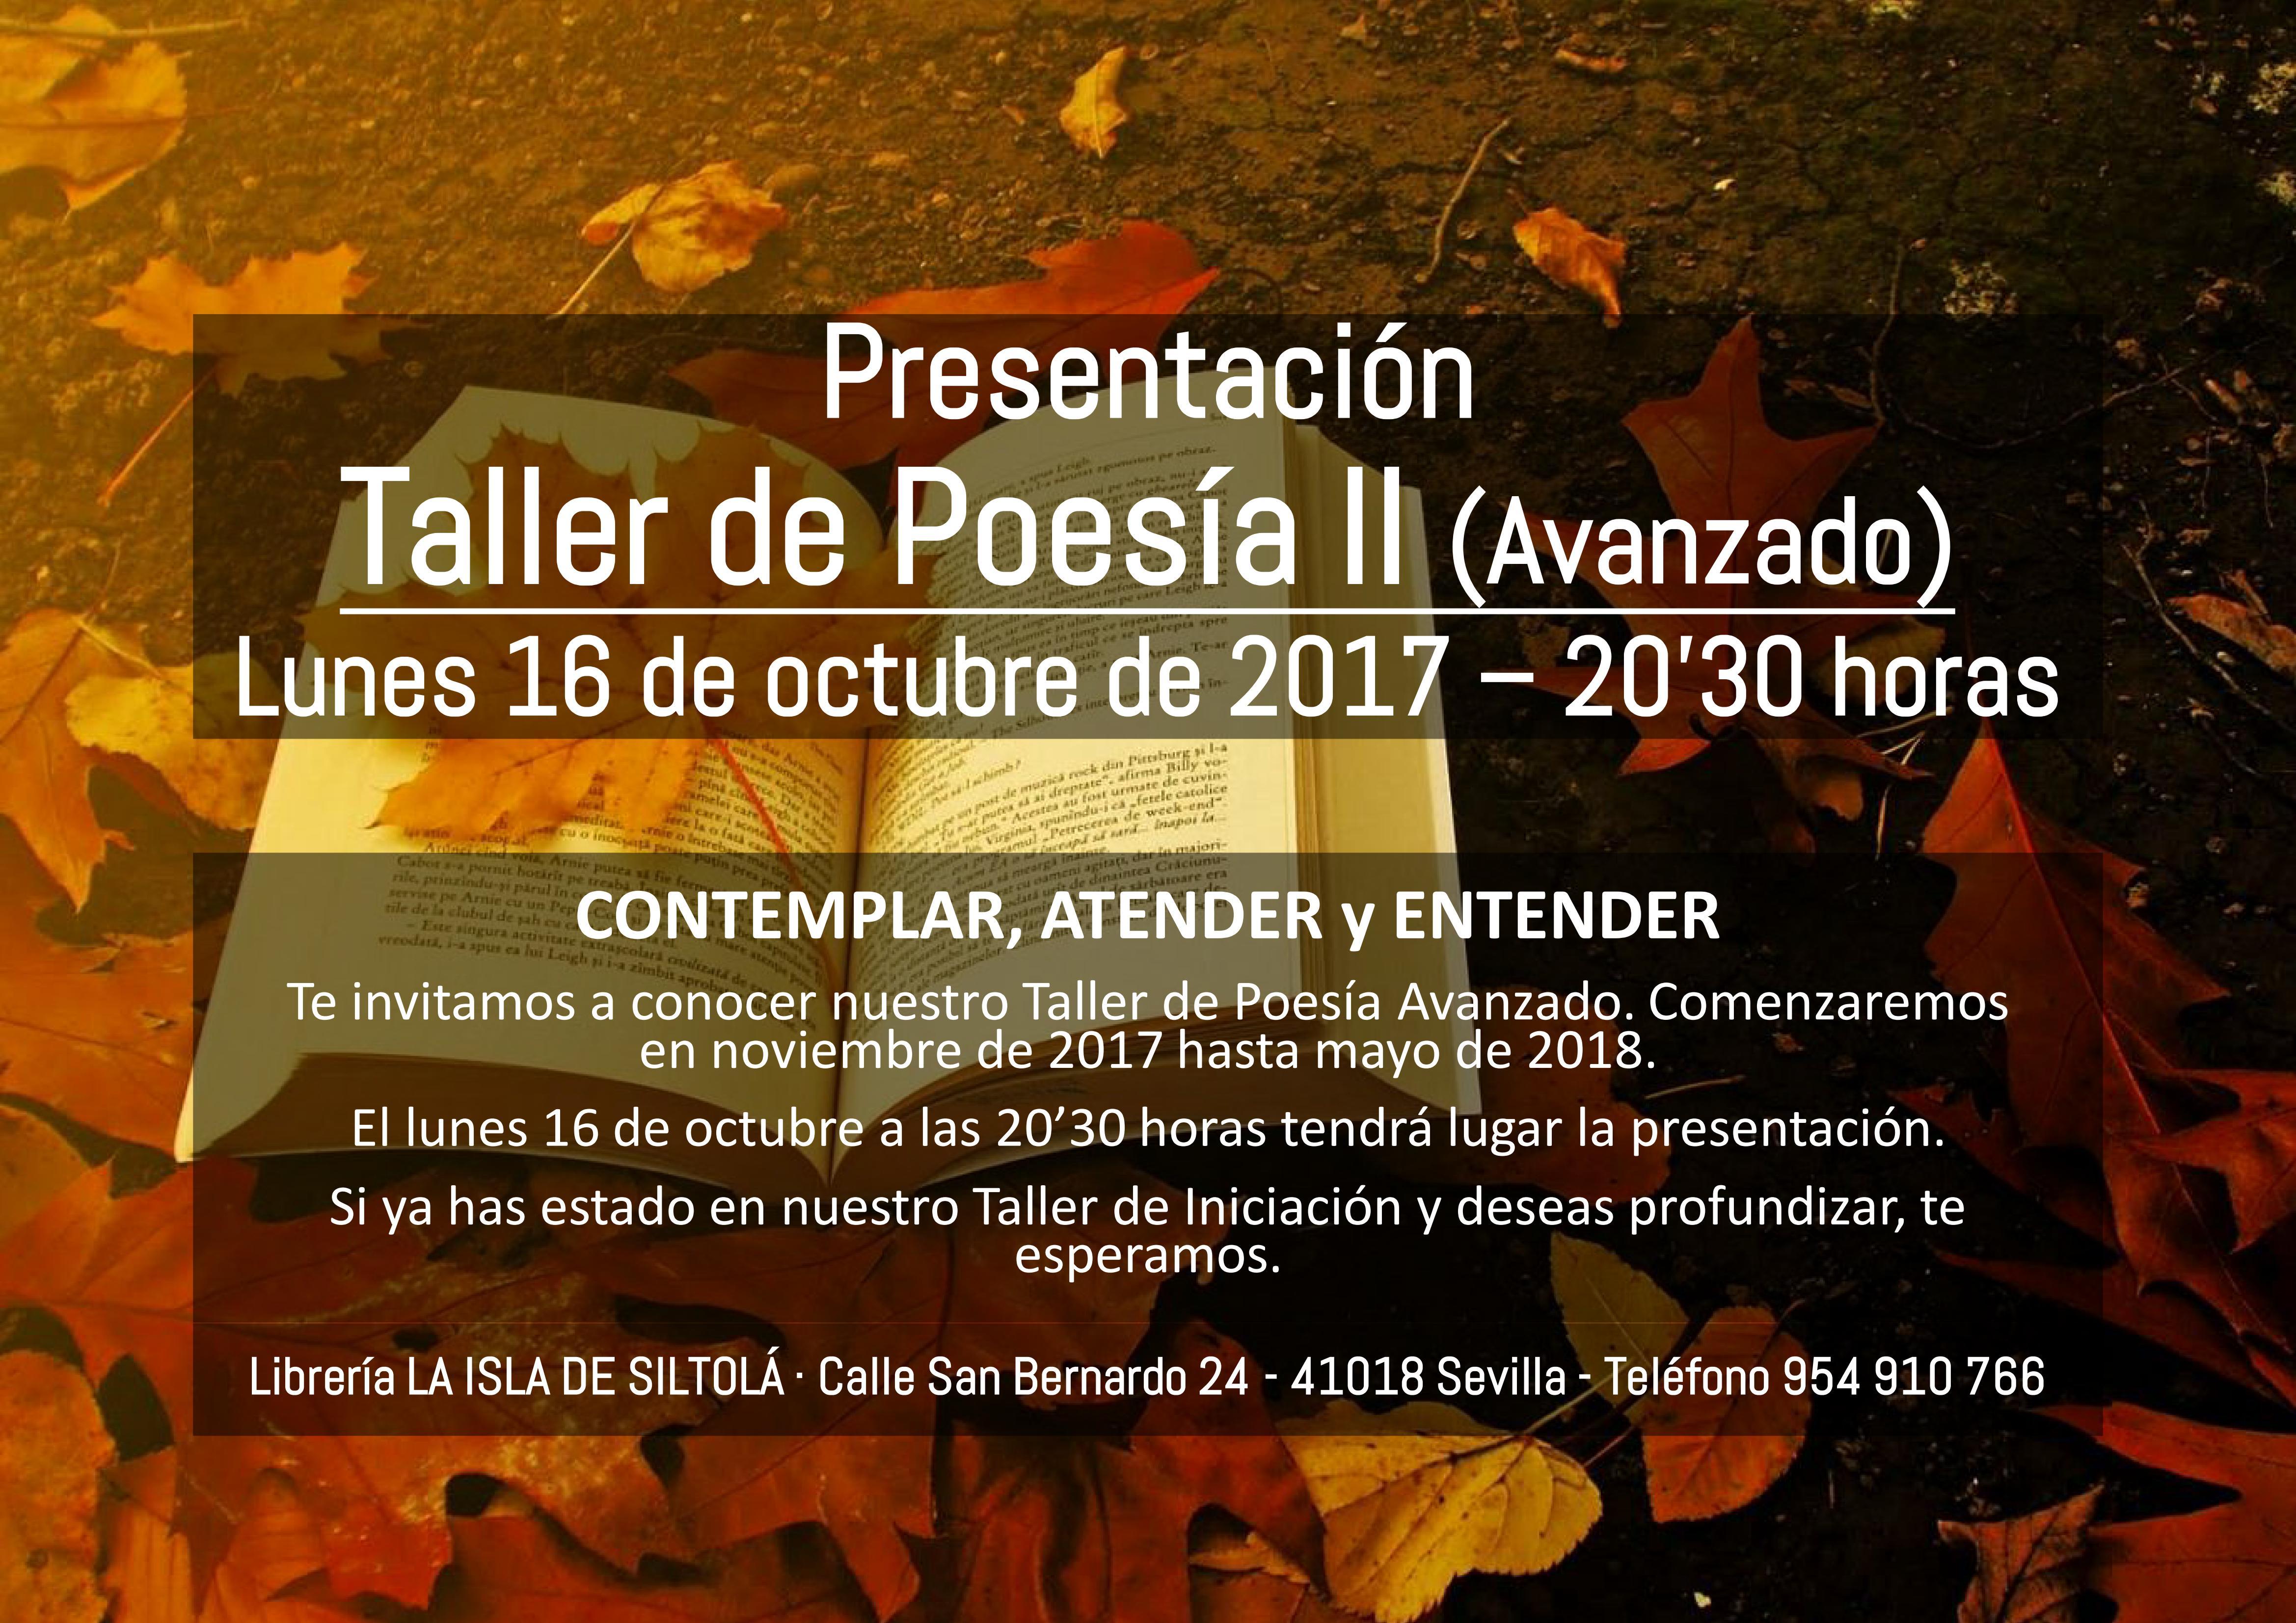 Presentación del Taller de Poesía II (avanzado)